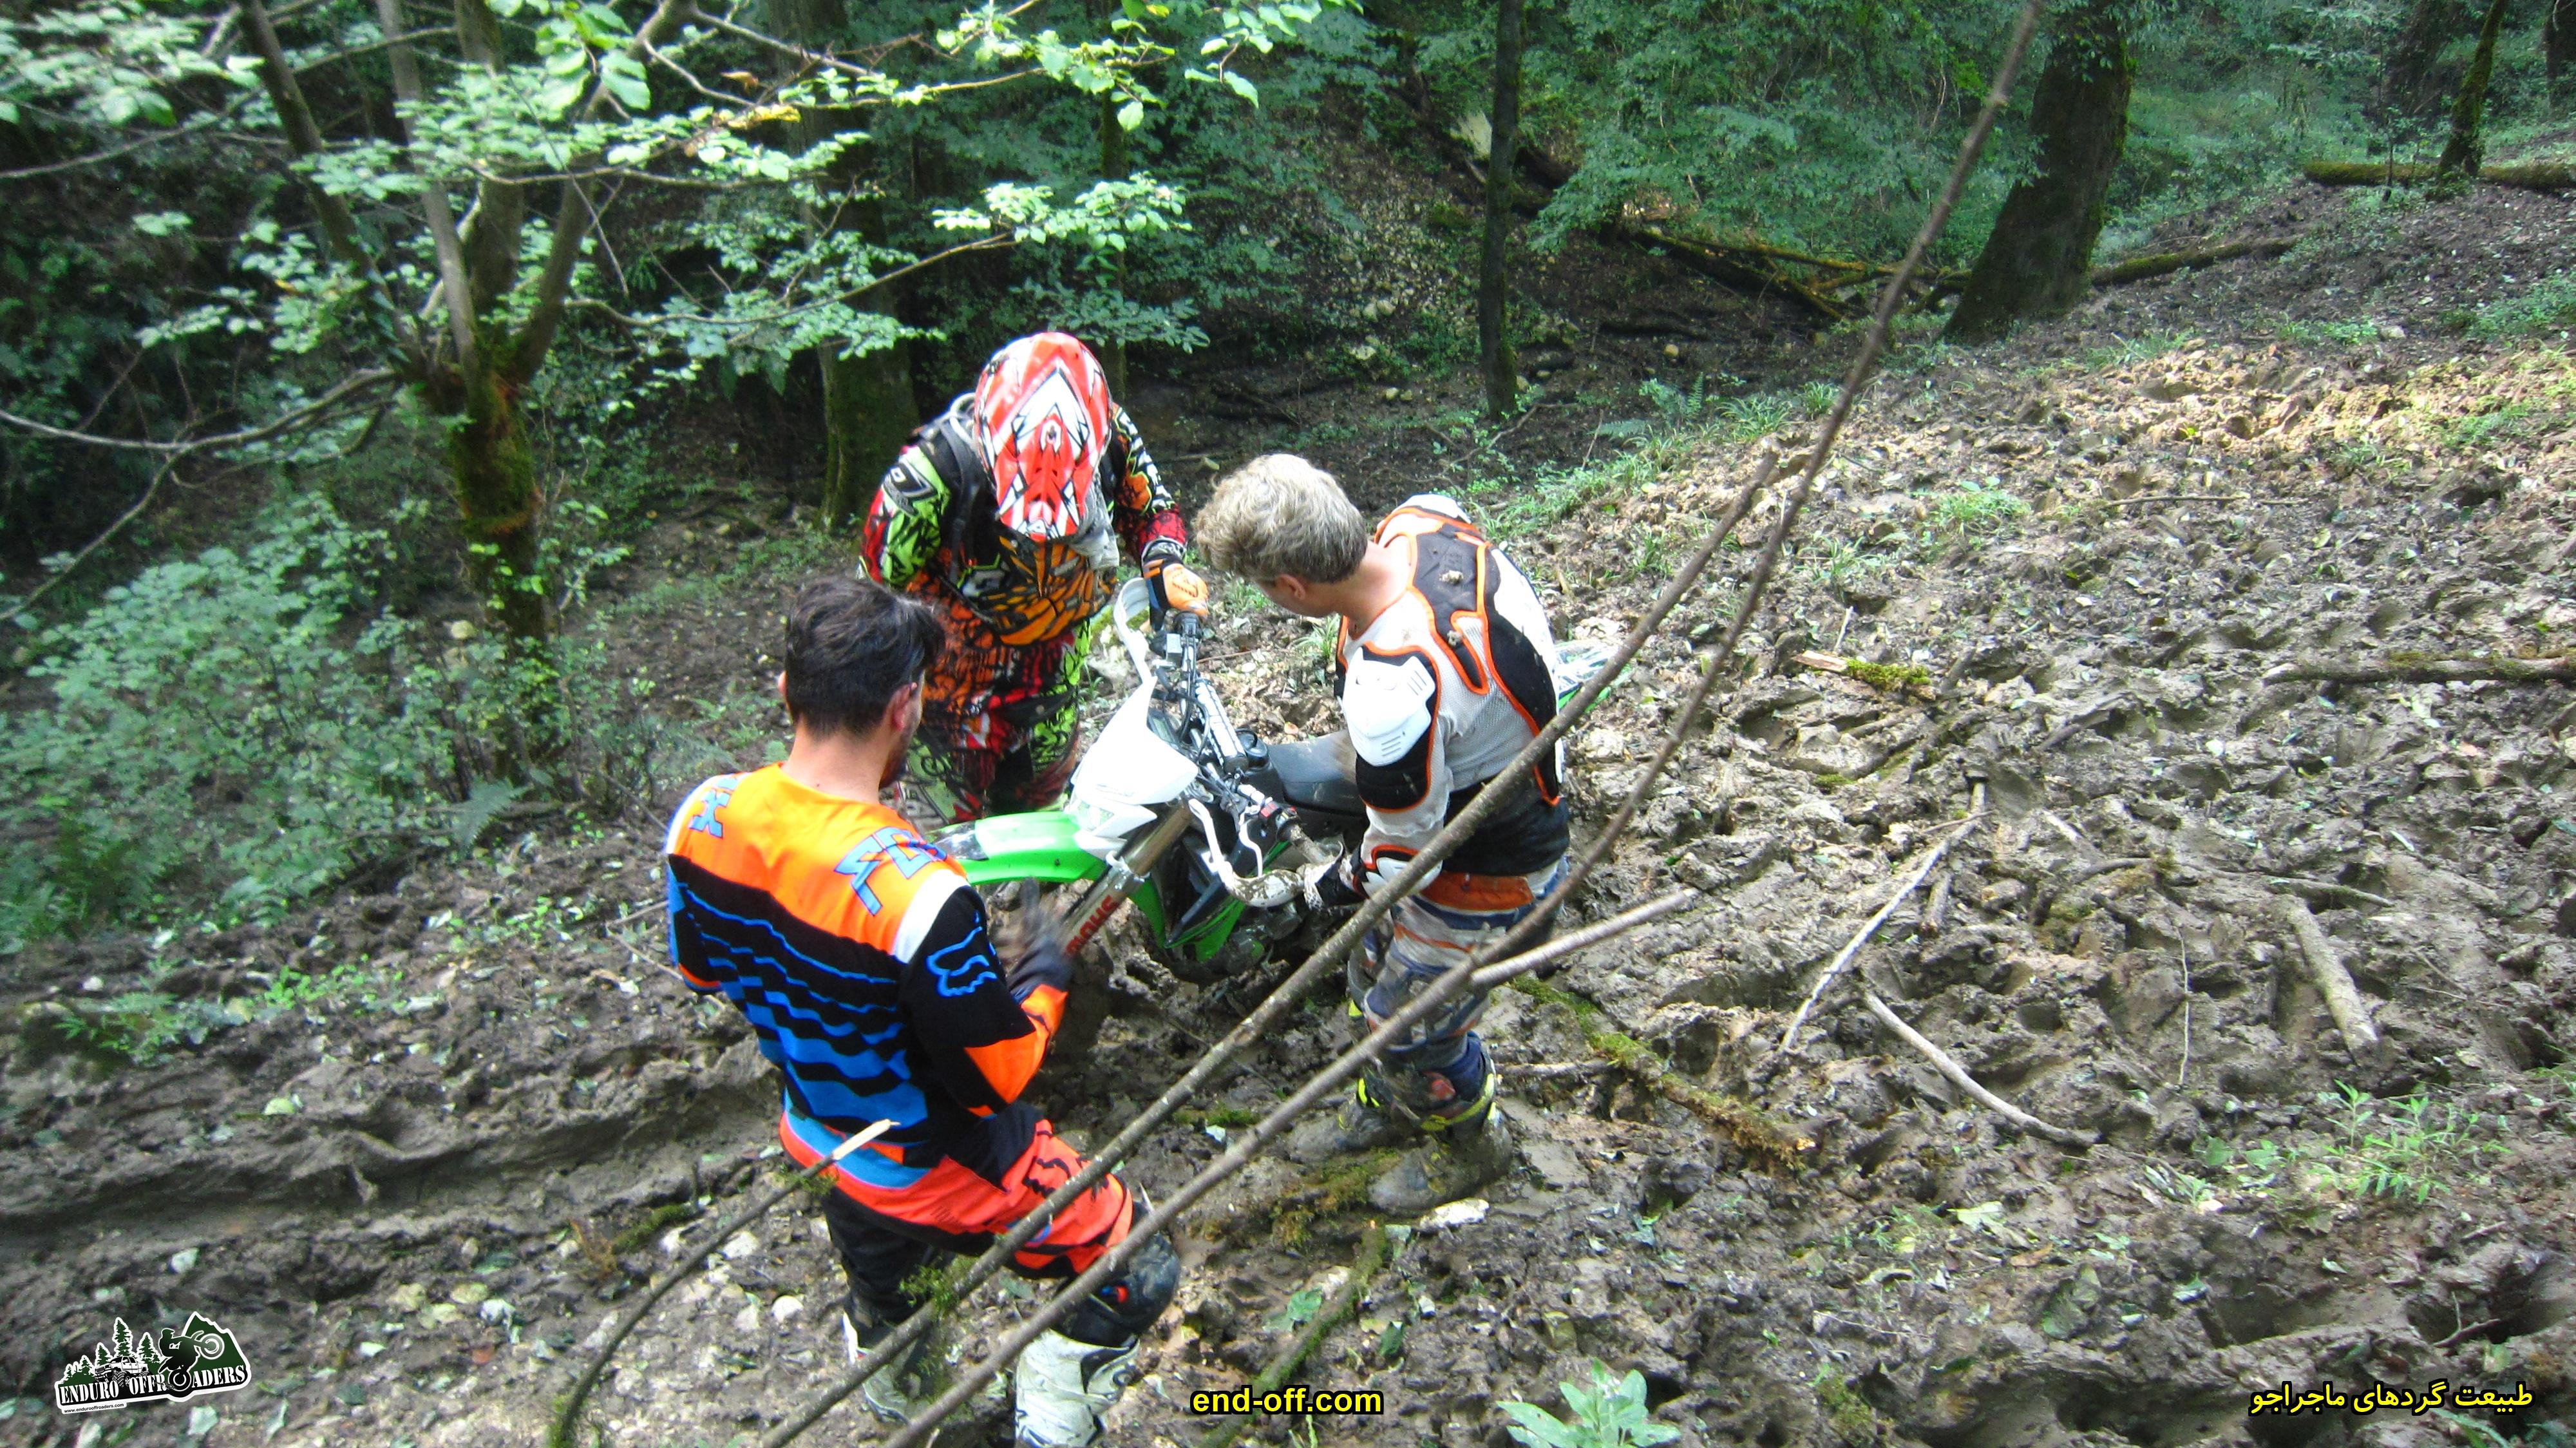 عبور از جنگل با موتور - گت کلا تا دیوا و جنگل شاه زید - تابستان 1399 - 2020